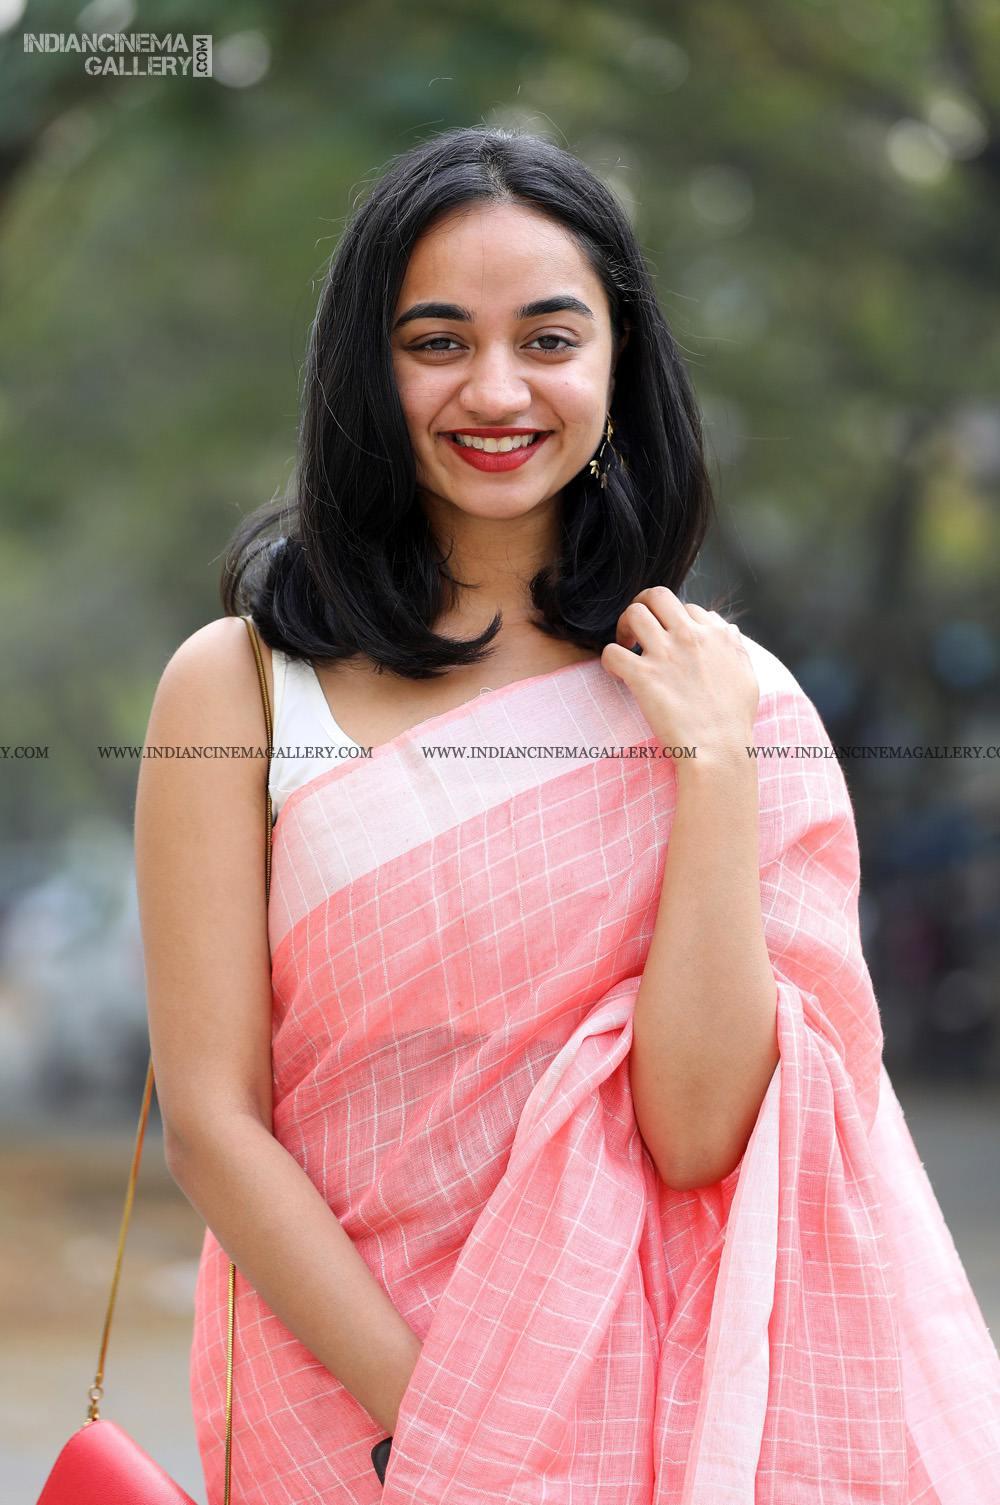 Apoorva Bose at Vritham Movie Launch (8)